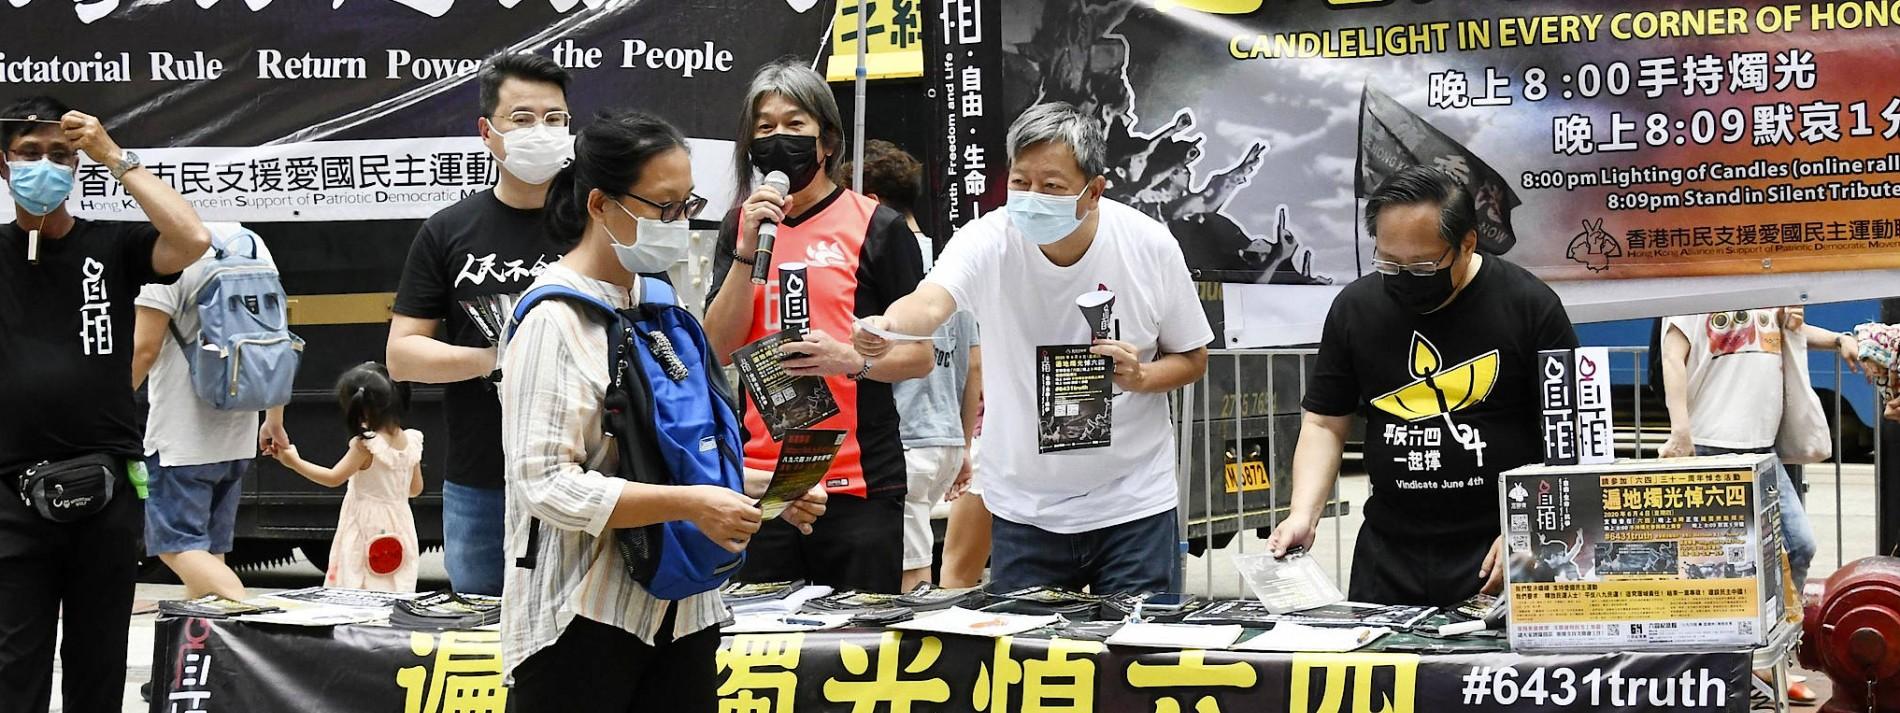 FDP: Politisches Asyl für Menschen aus Hongkong